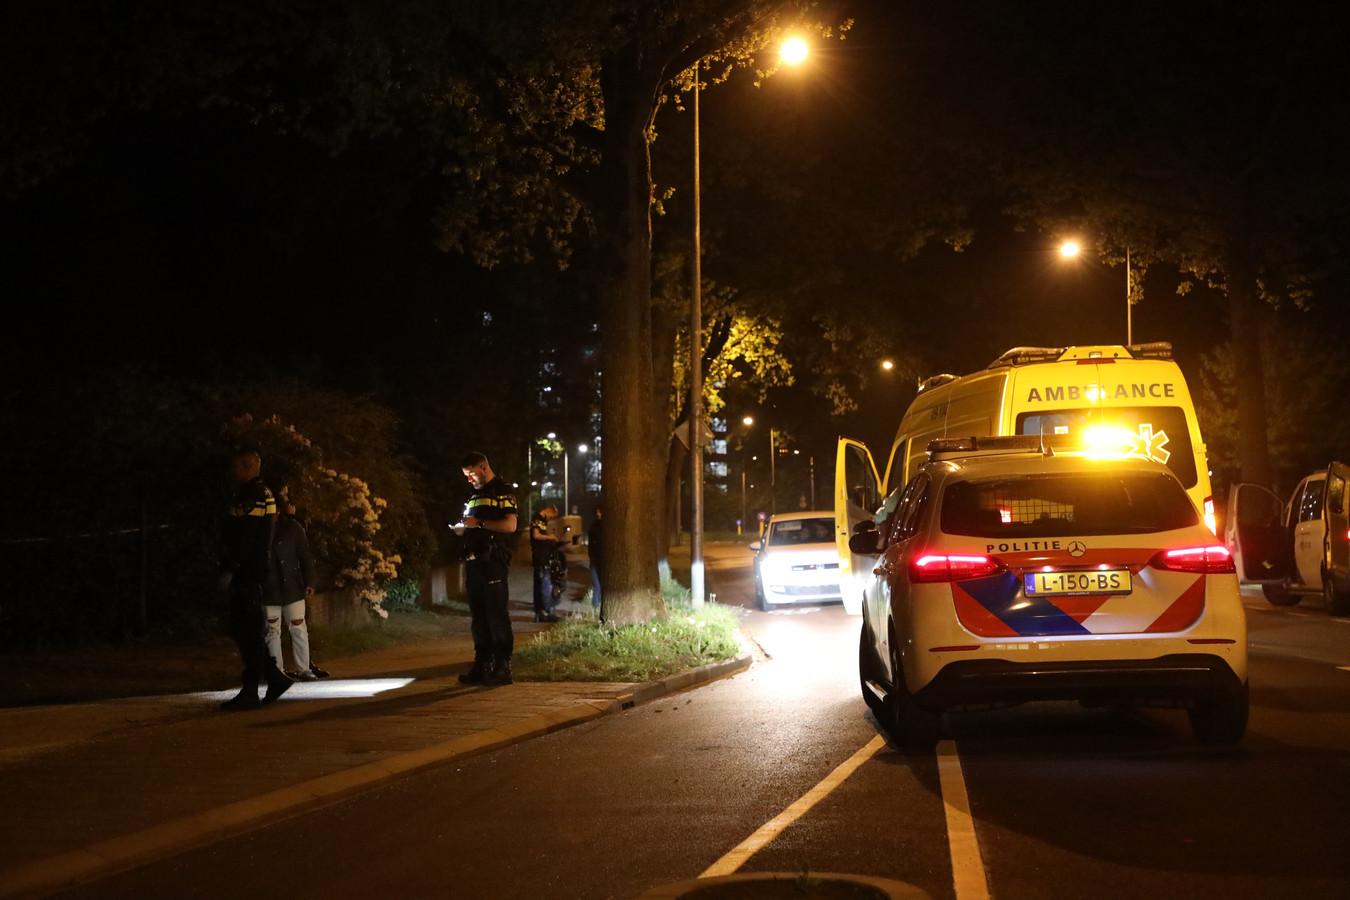 De politie nam verklaringen op van mogelijke getuigen.